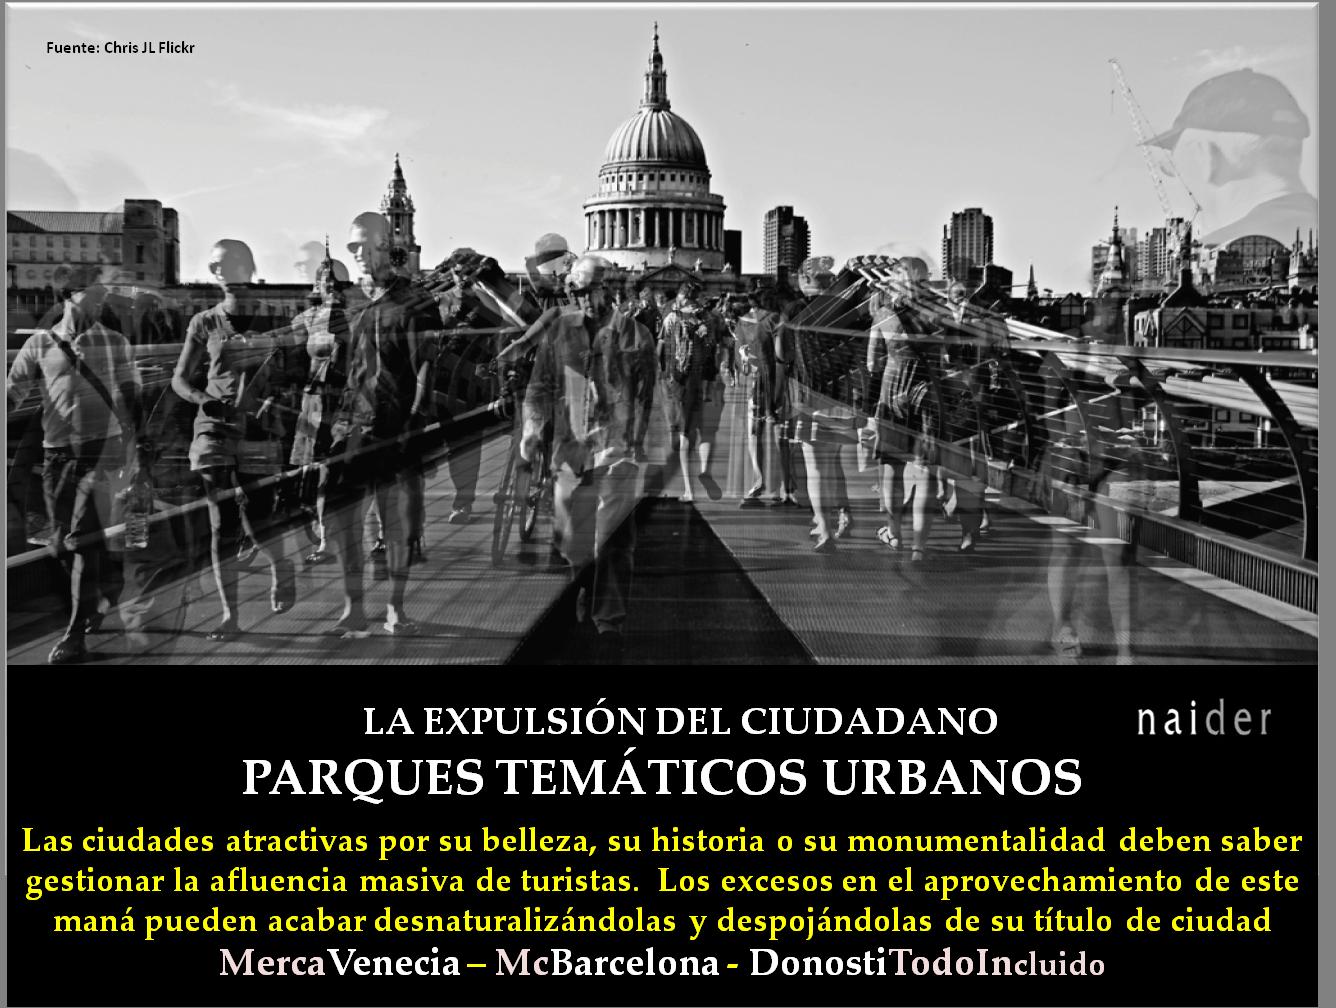 Turistas de ciudad texto